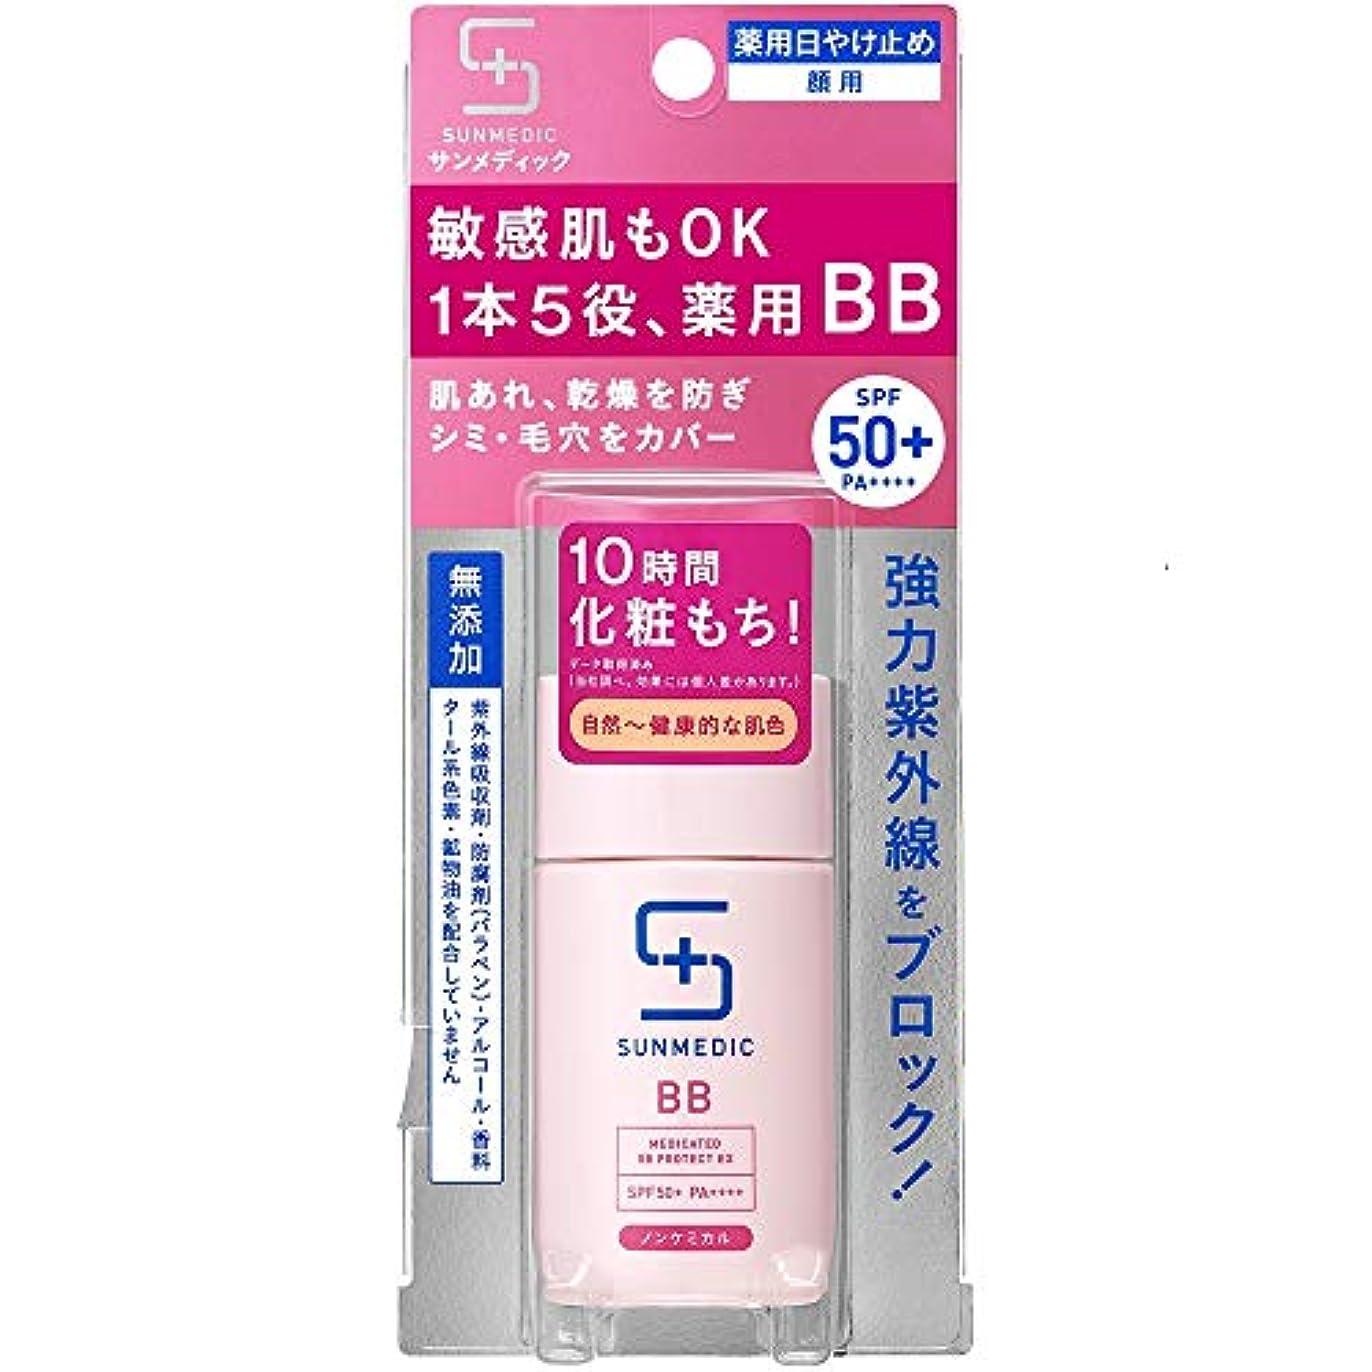 未満どこにでも照らすサンメディックUV 薬用BBプロテクトEX ナチュラル 30ml (医薬部外品)